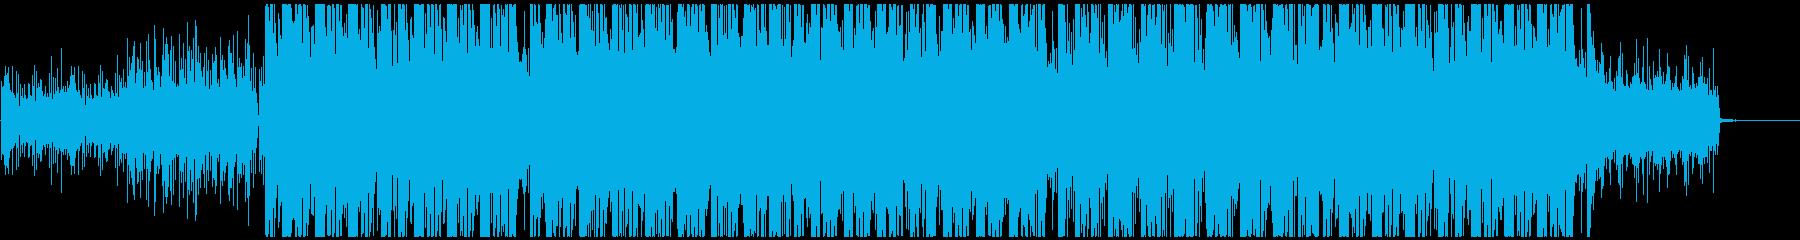 かっこいいデジタルビートの哀愁系楽曲の再生済みの波形